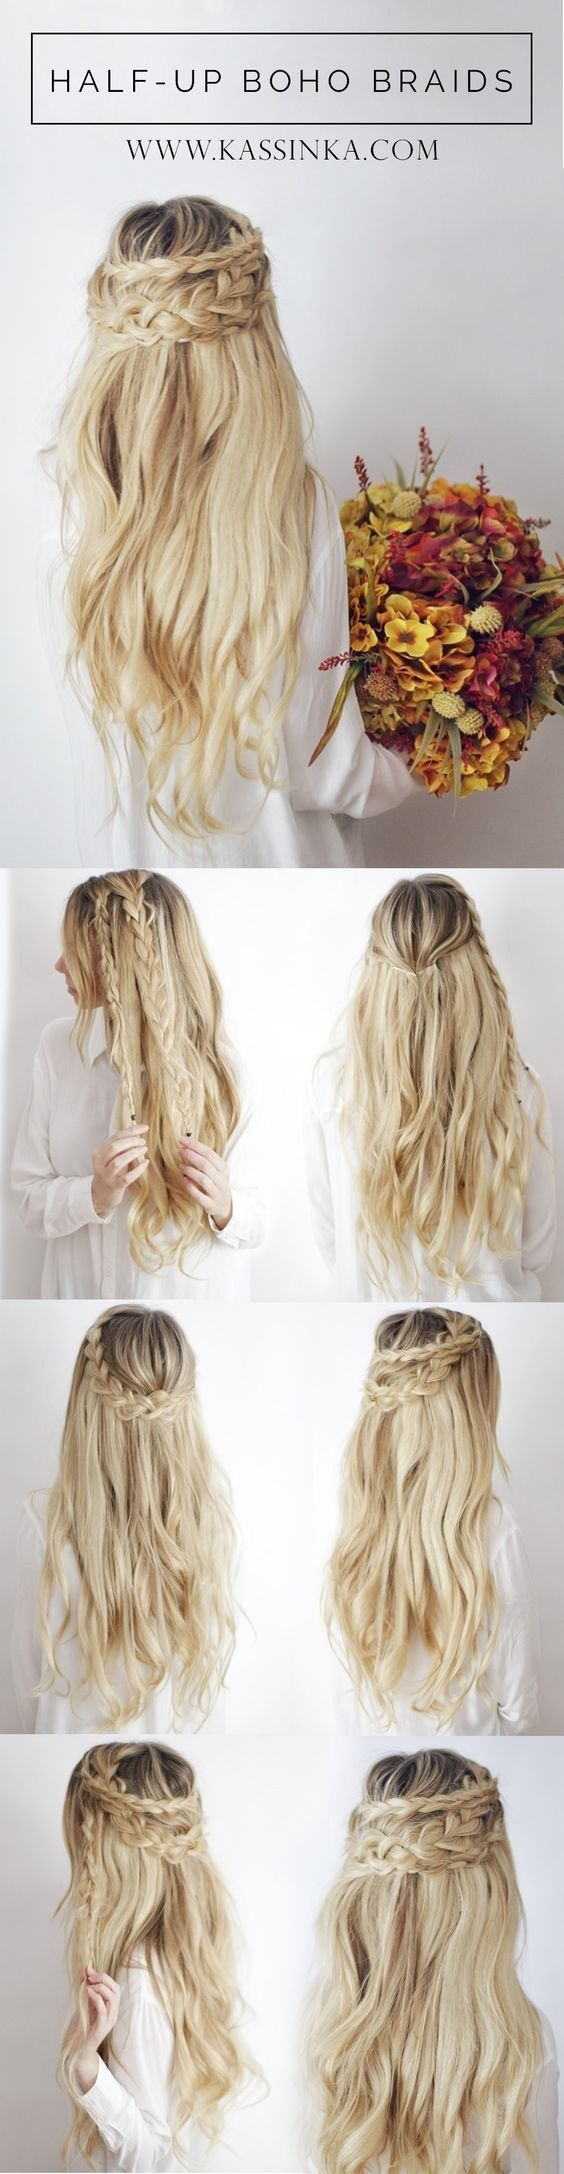 Neem een kijkje op de beste haarstijlen in de foto's hieronder en krijg ideeën voor uw fotografie!!! Half-Up Boho Braids | 17 Stunning Braided Hairstyles So Easy You Can Actually Do… Image source